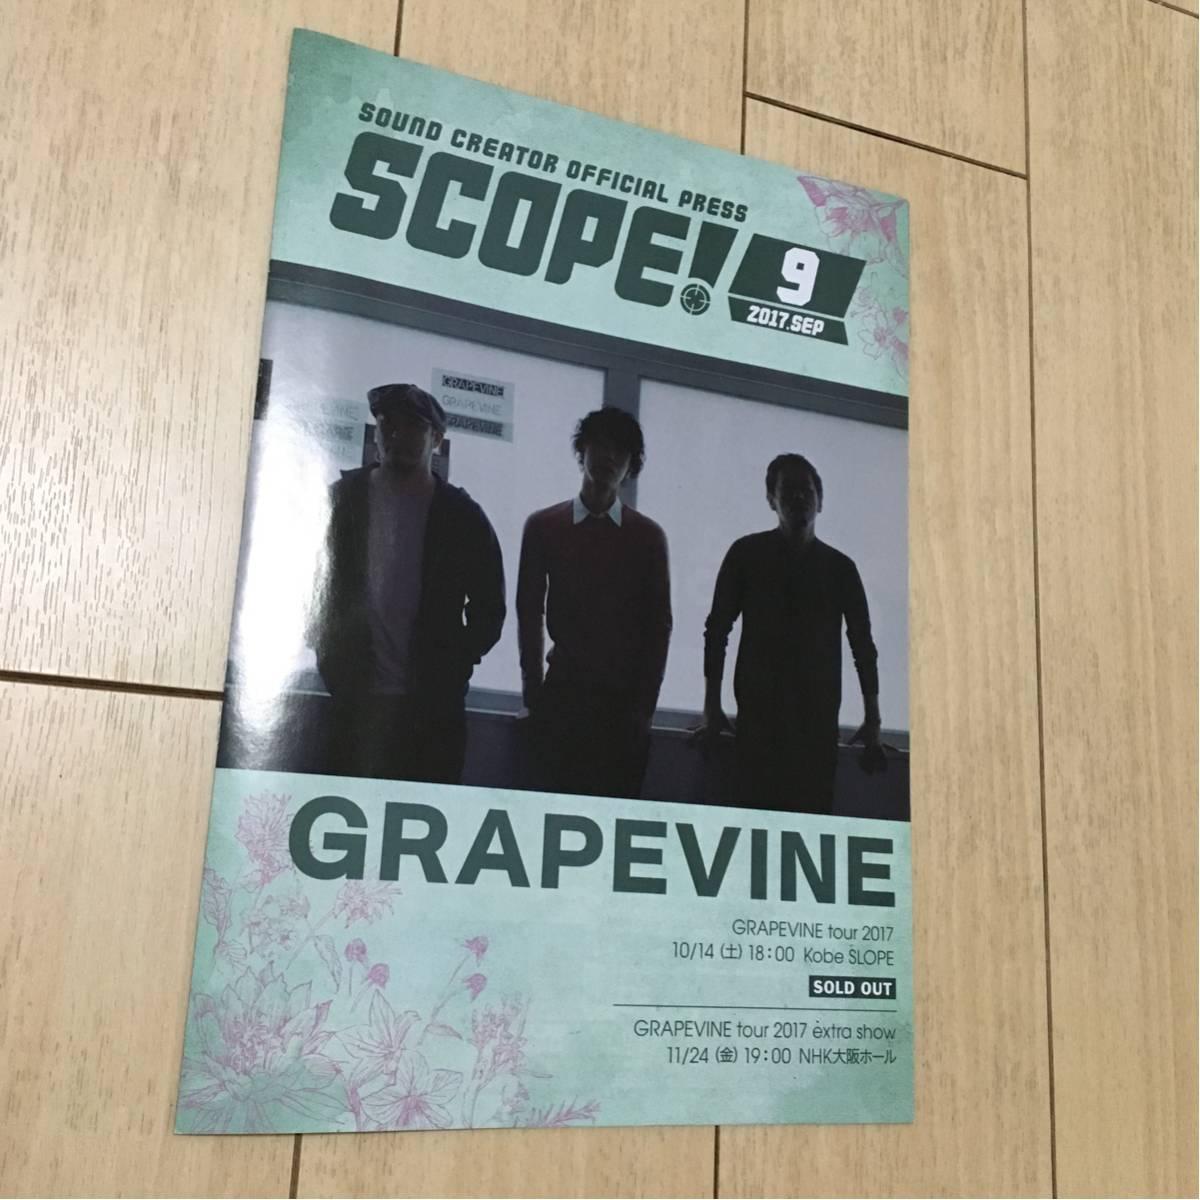 サウンド・クリエイター チラシ scope! 2017 表紙 グレープバイン grapevine 関西